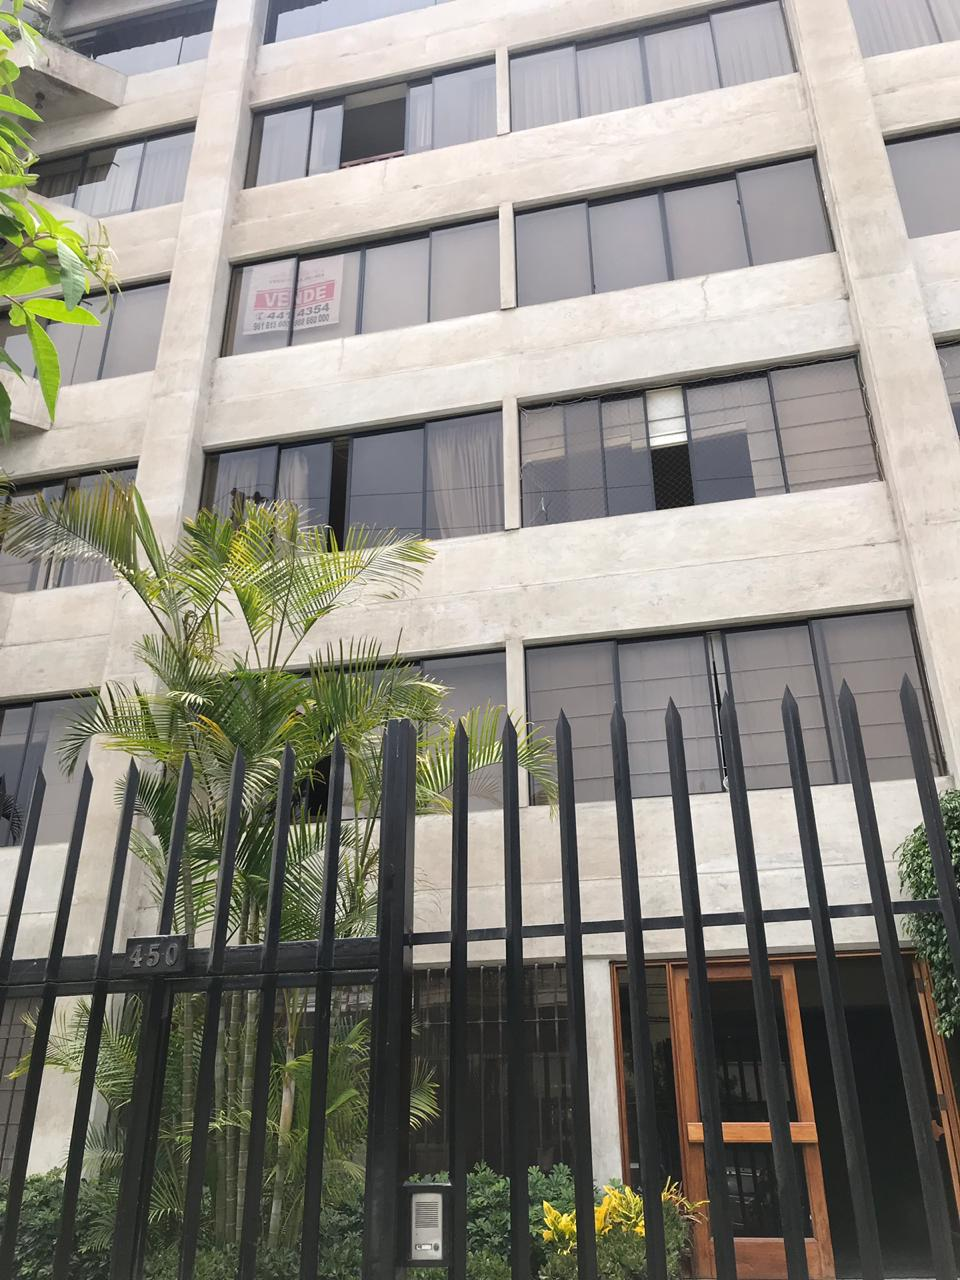 (Español) UBICACIÓN EXCLUSIVA EN SAN ISIDRO –DEPARTAMENTO EN VENTA